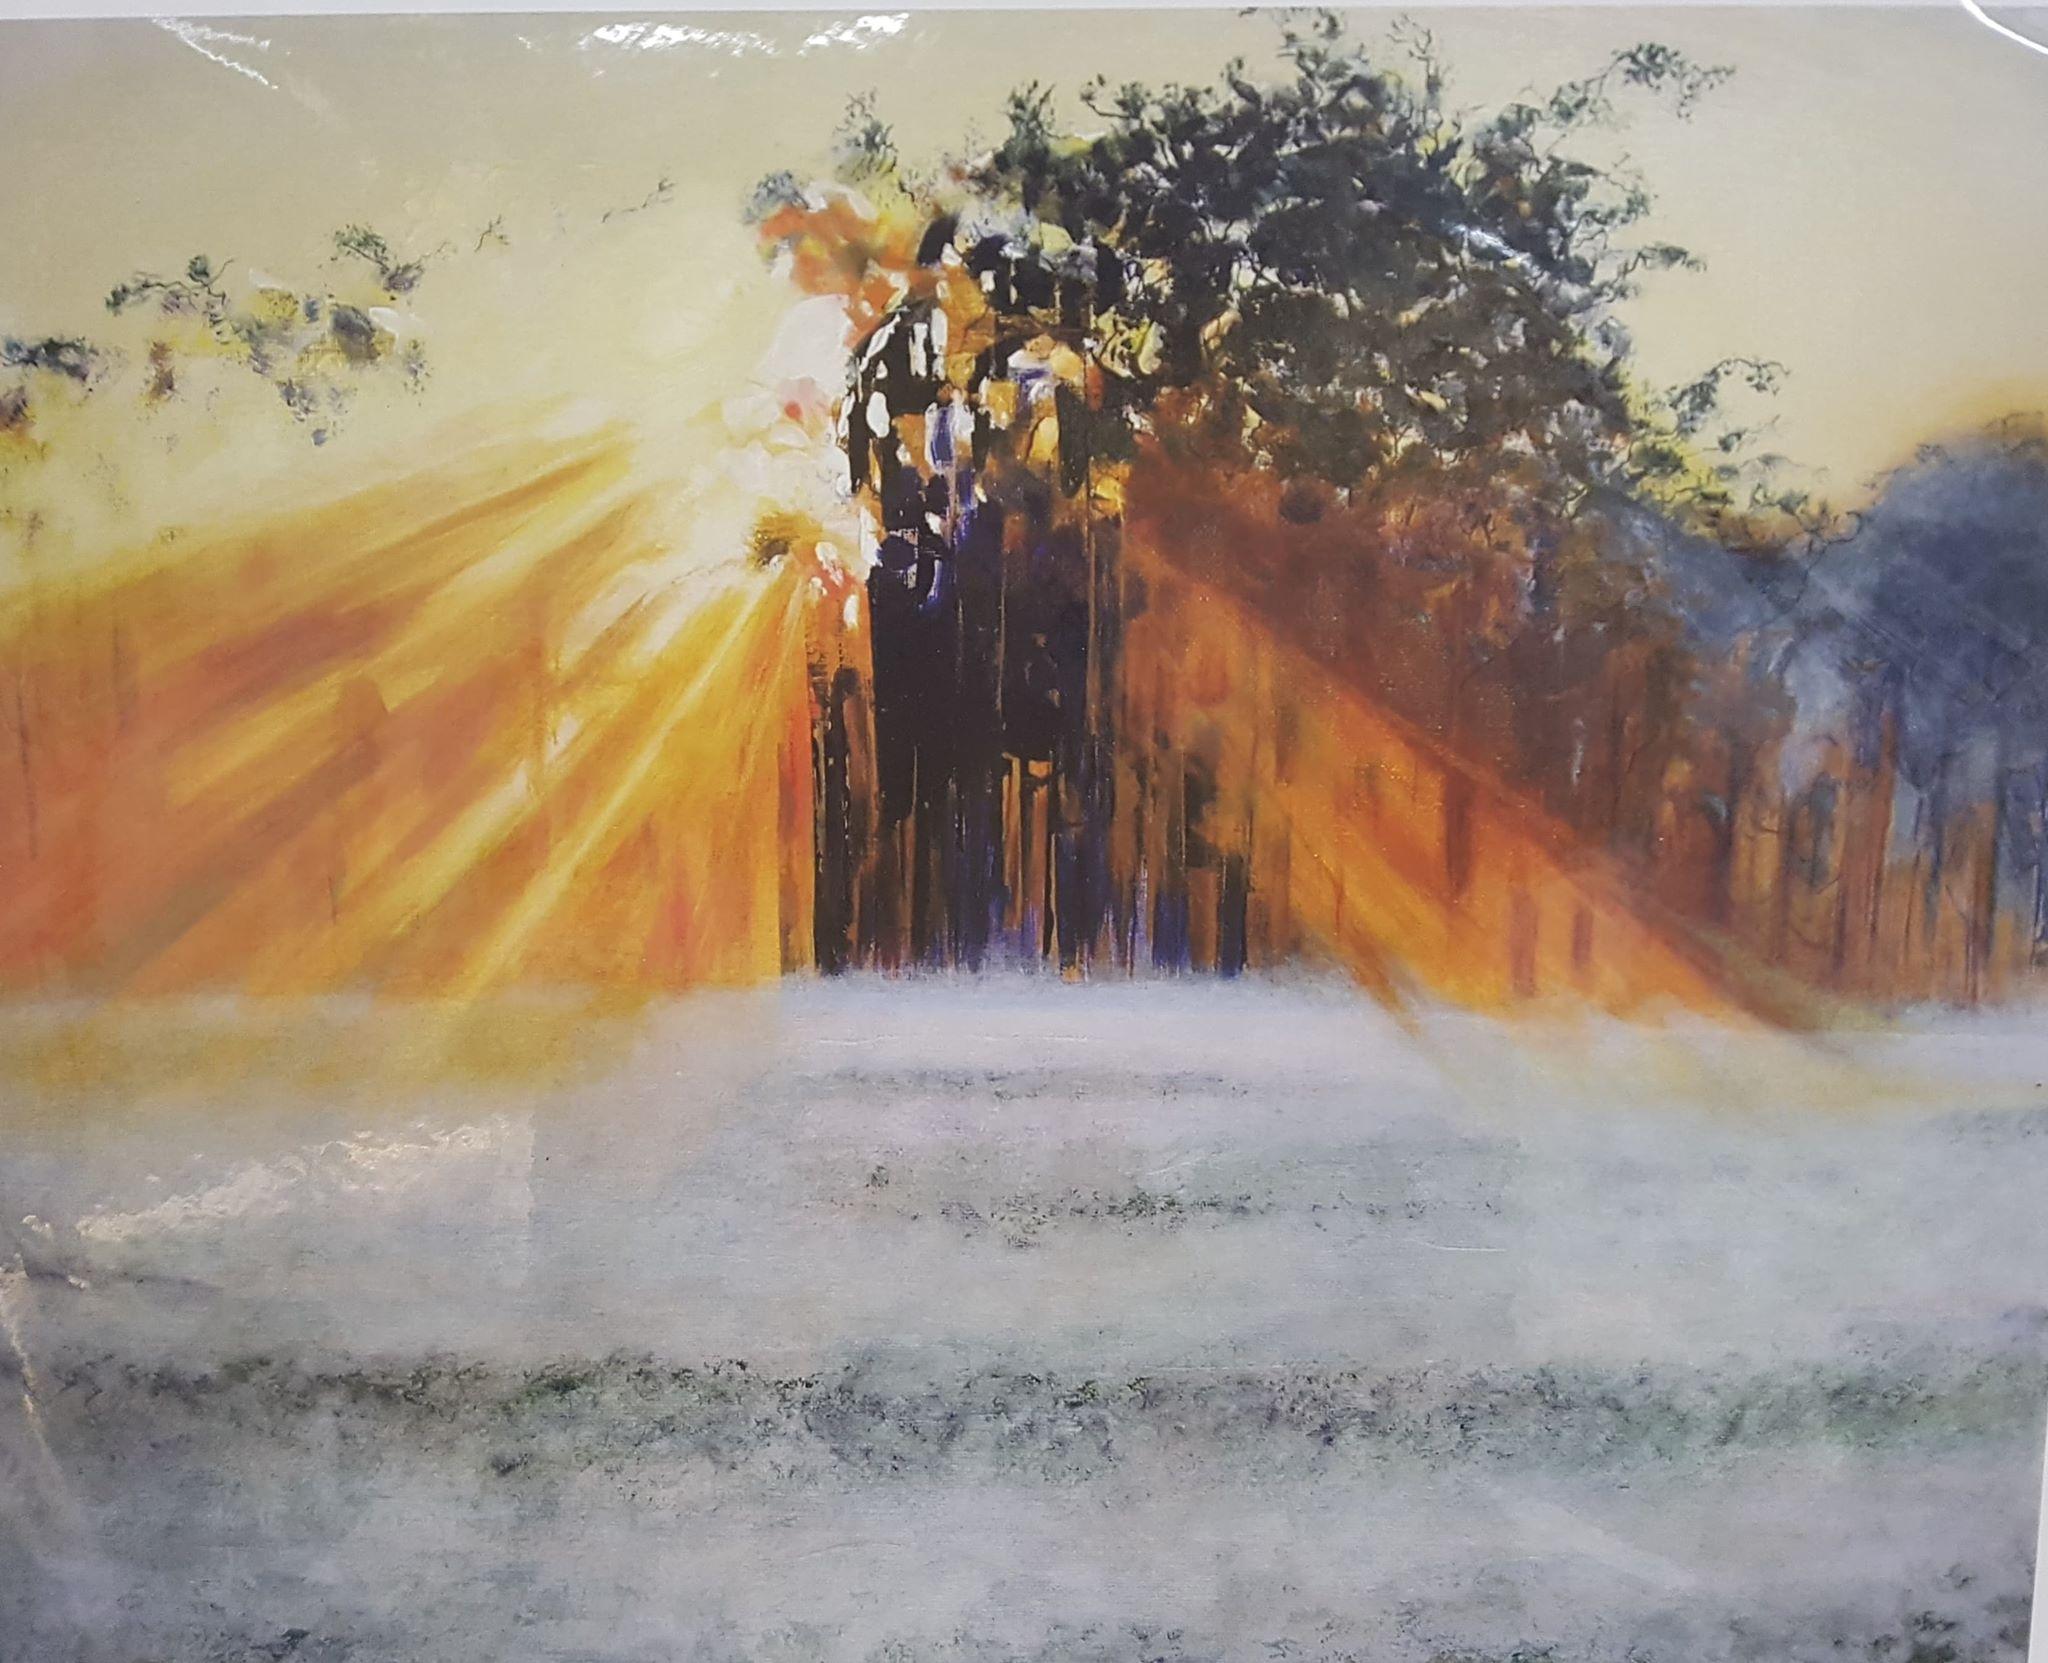 Treescape Print by Martin Davis £50